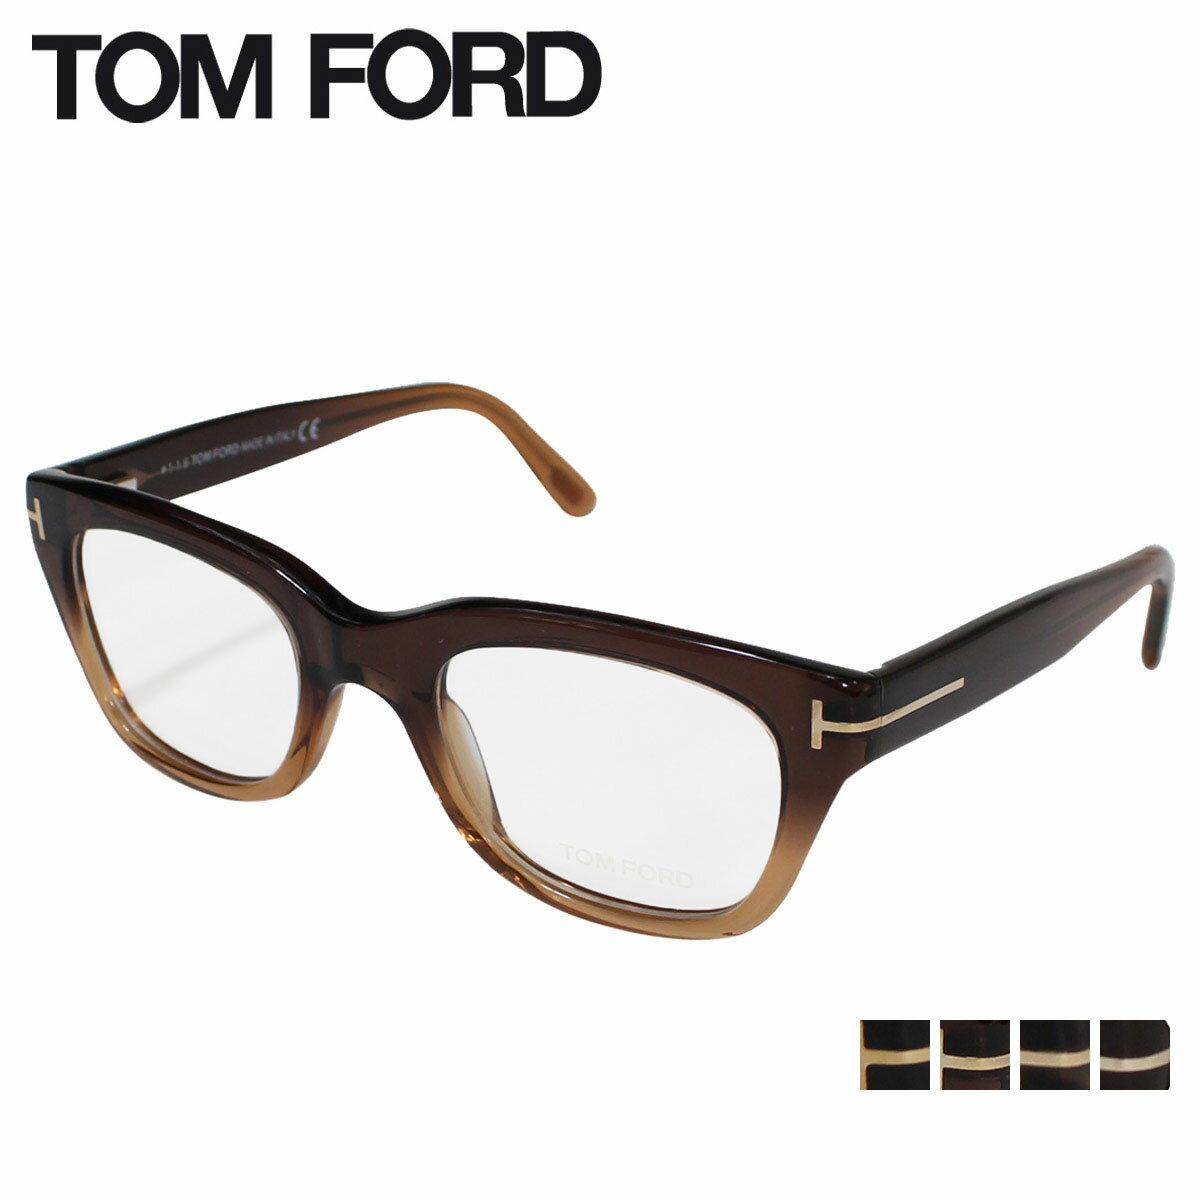 TOM FORD ACETATE FRAMES トムフォード サングラス メンズ レディース アイウェア FT5178 イタリア製 【決算セール】